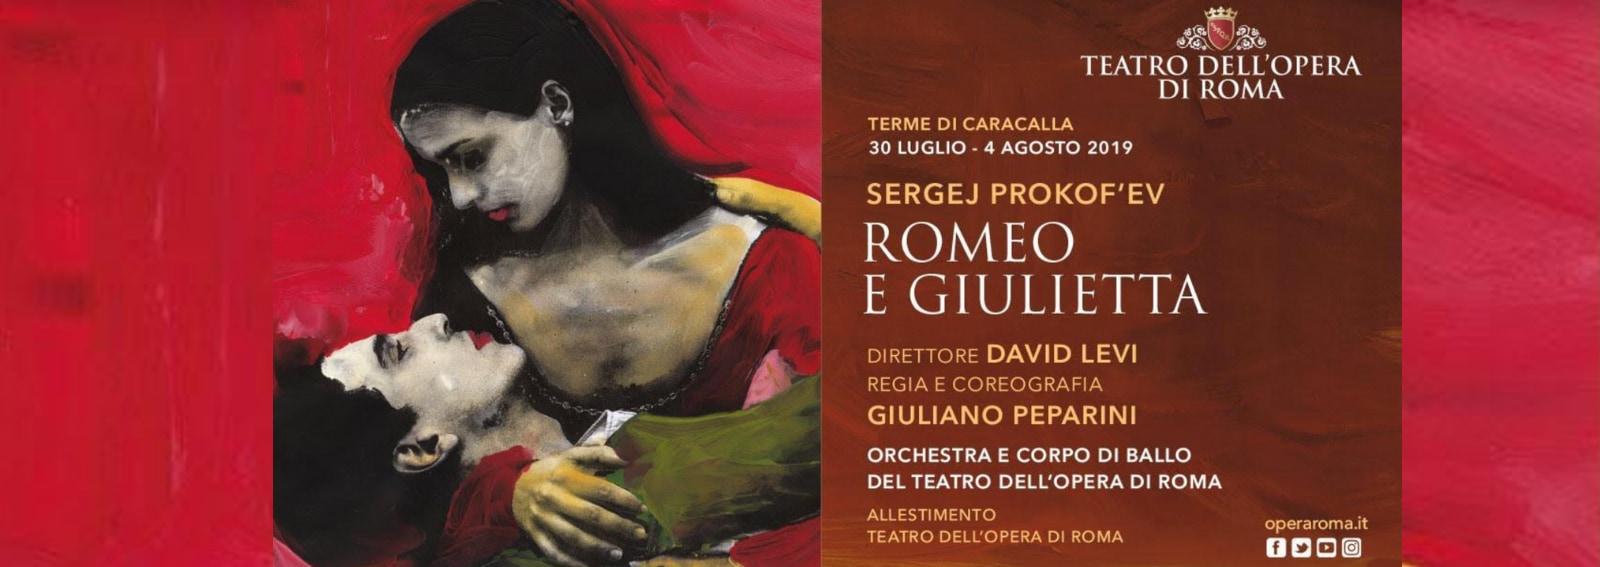 Romeo e Giulietta Terme Caracalla Roma DESK